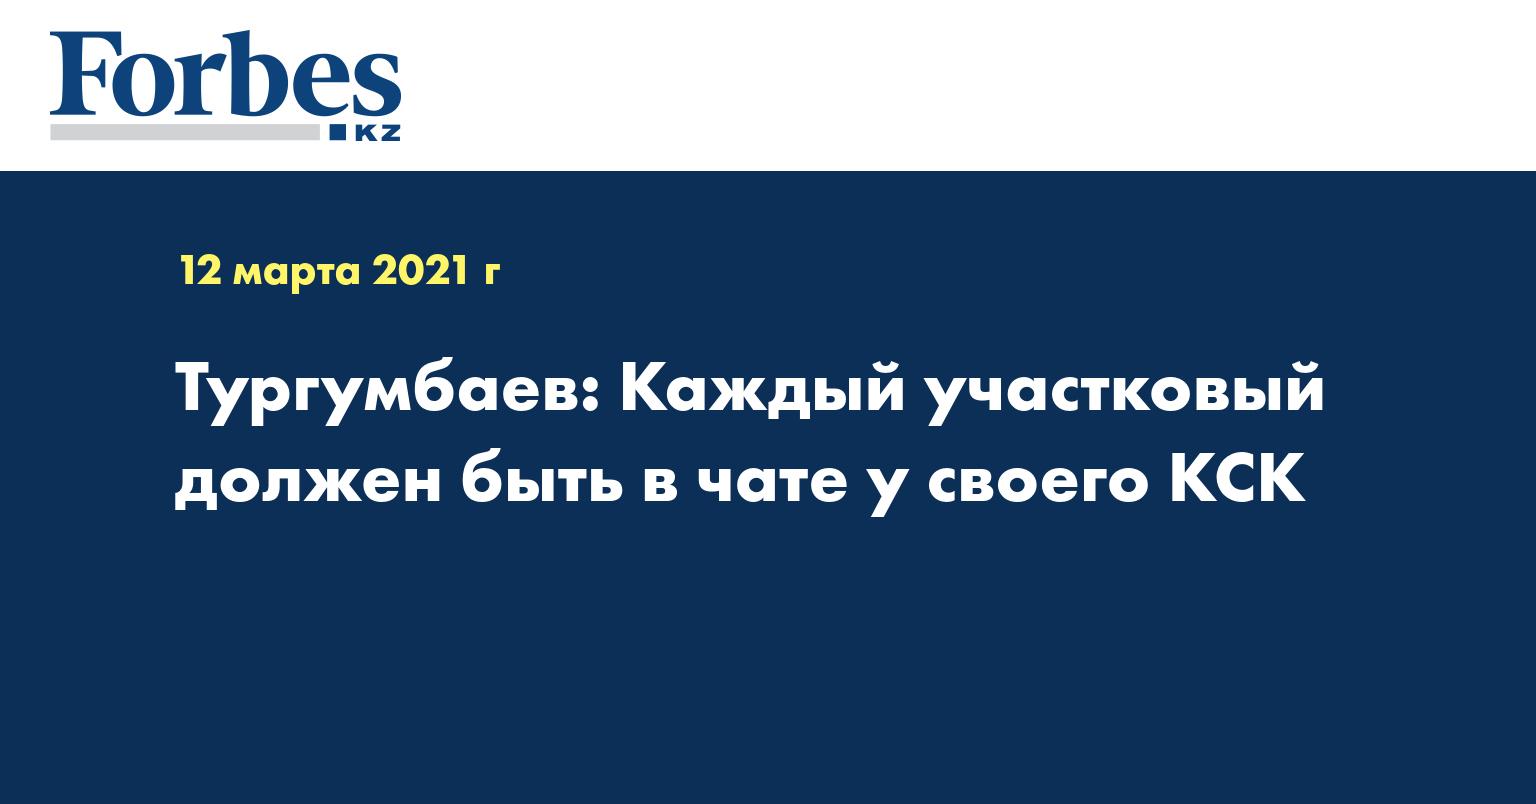 Тургумбаев: Каждый участковый должен быть в чате у своего КСК